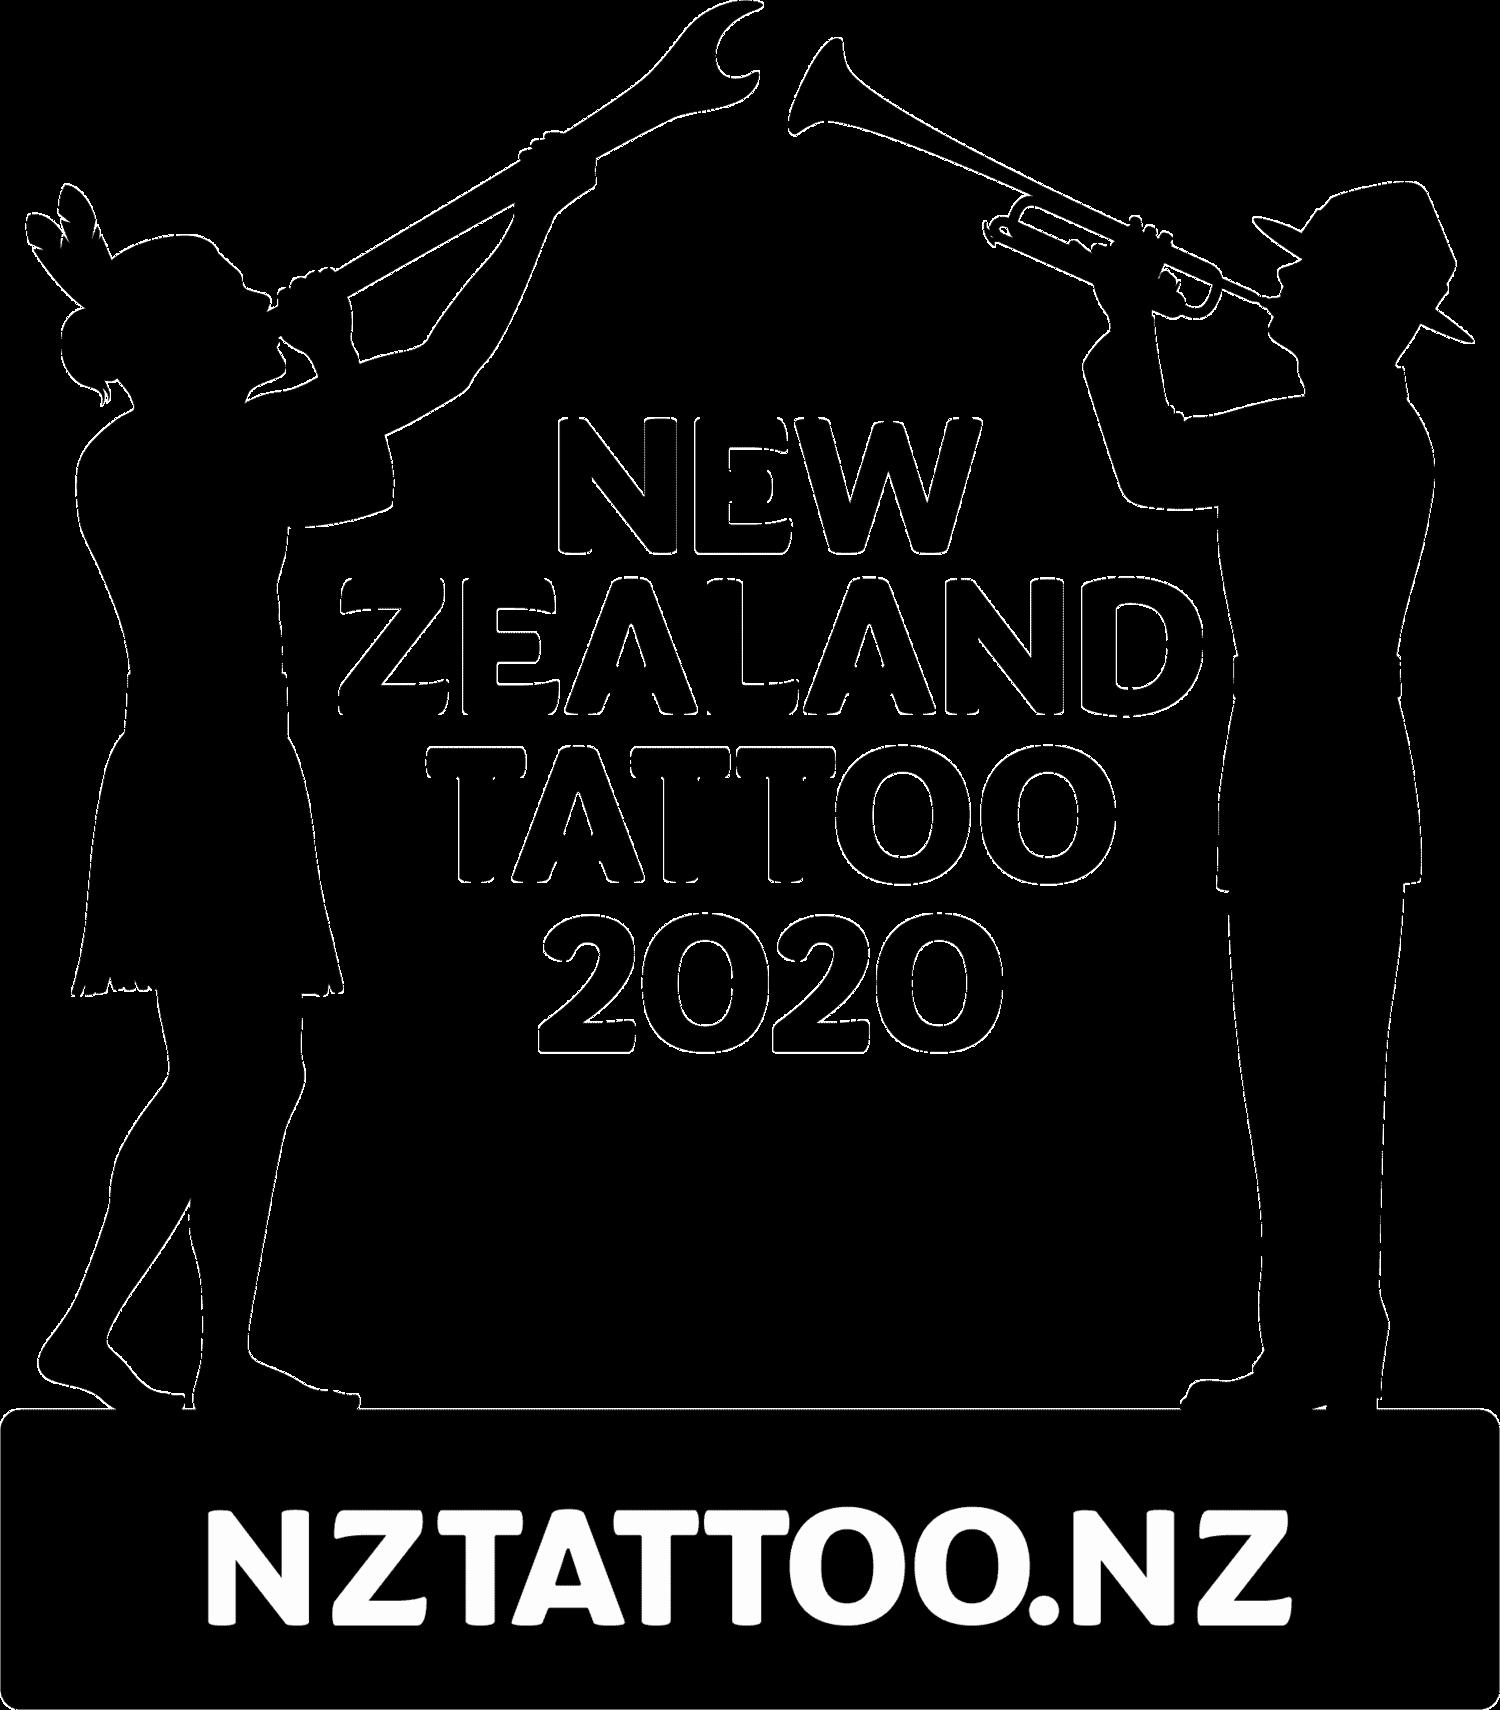 New Tattoo 2020 New Zealand Tattoo Palmerston North 2020